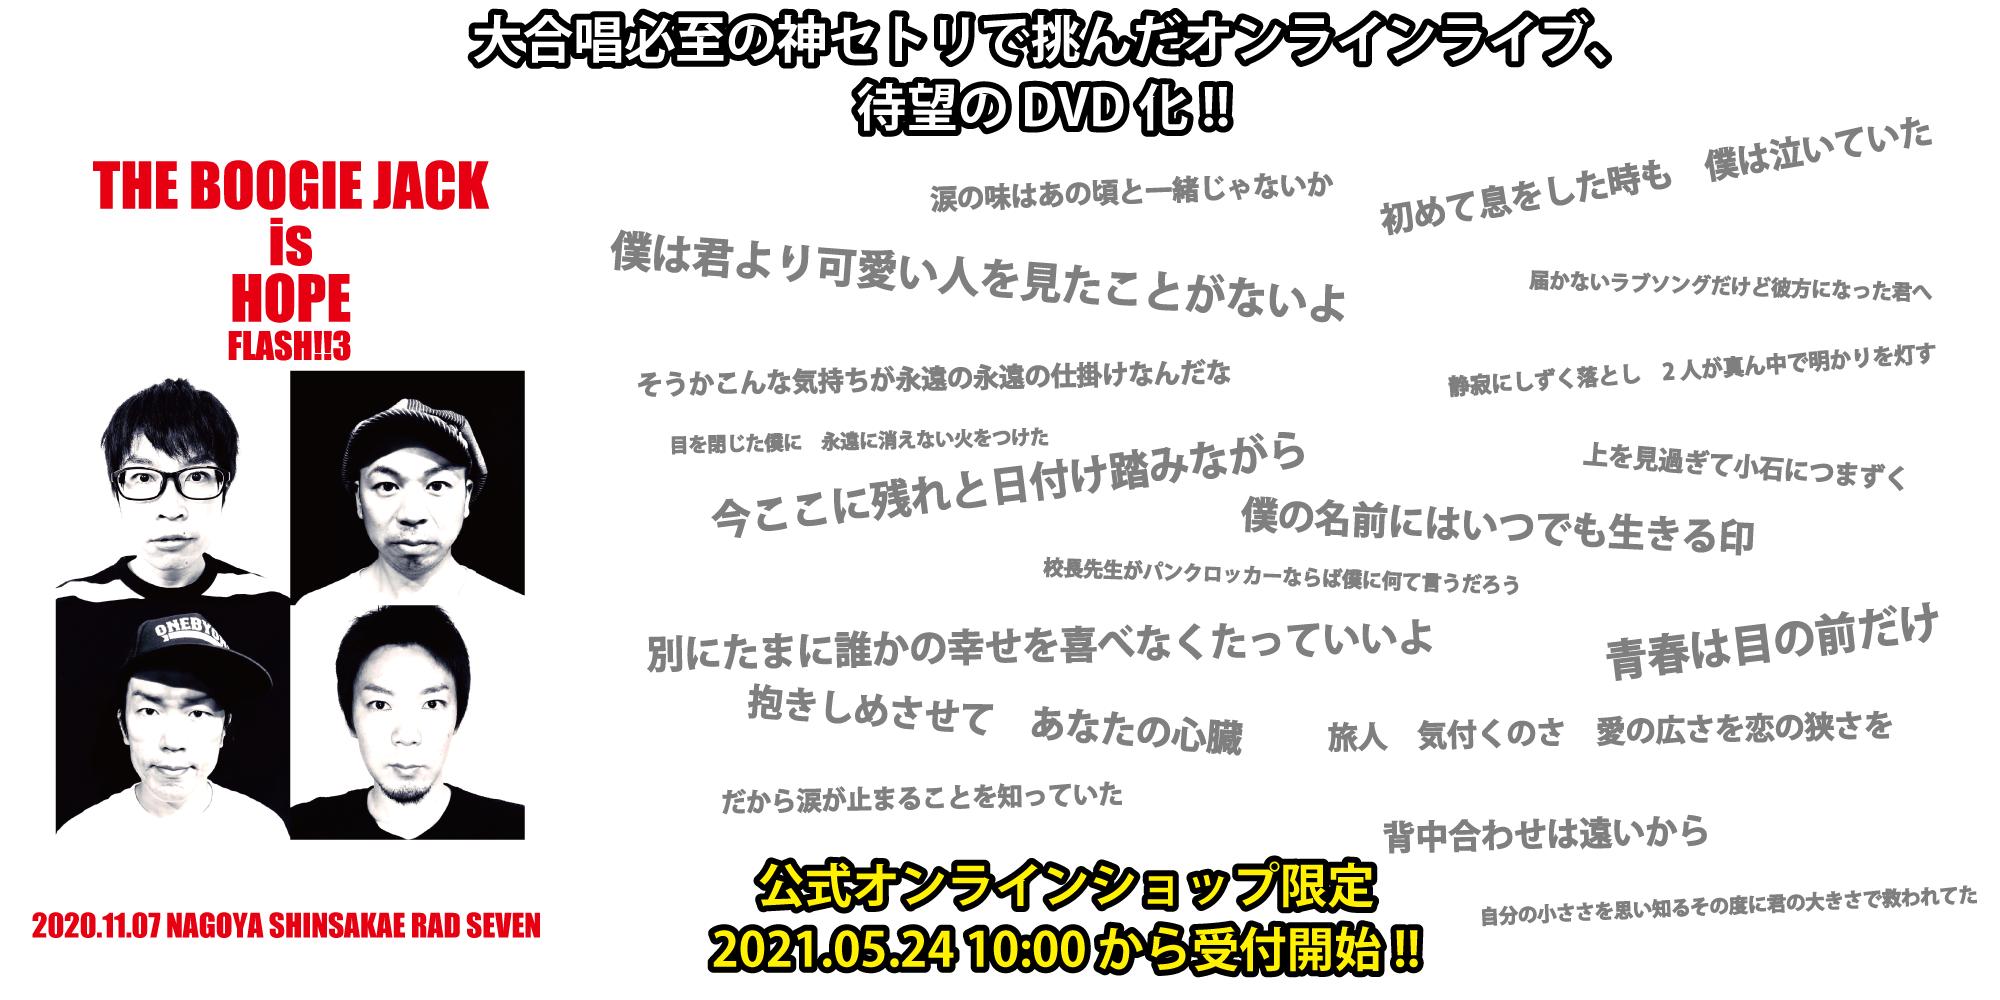 ライブDVD発売!!